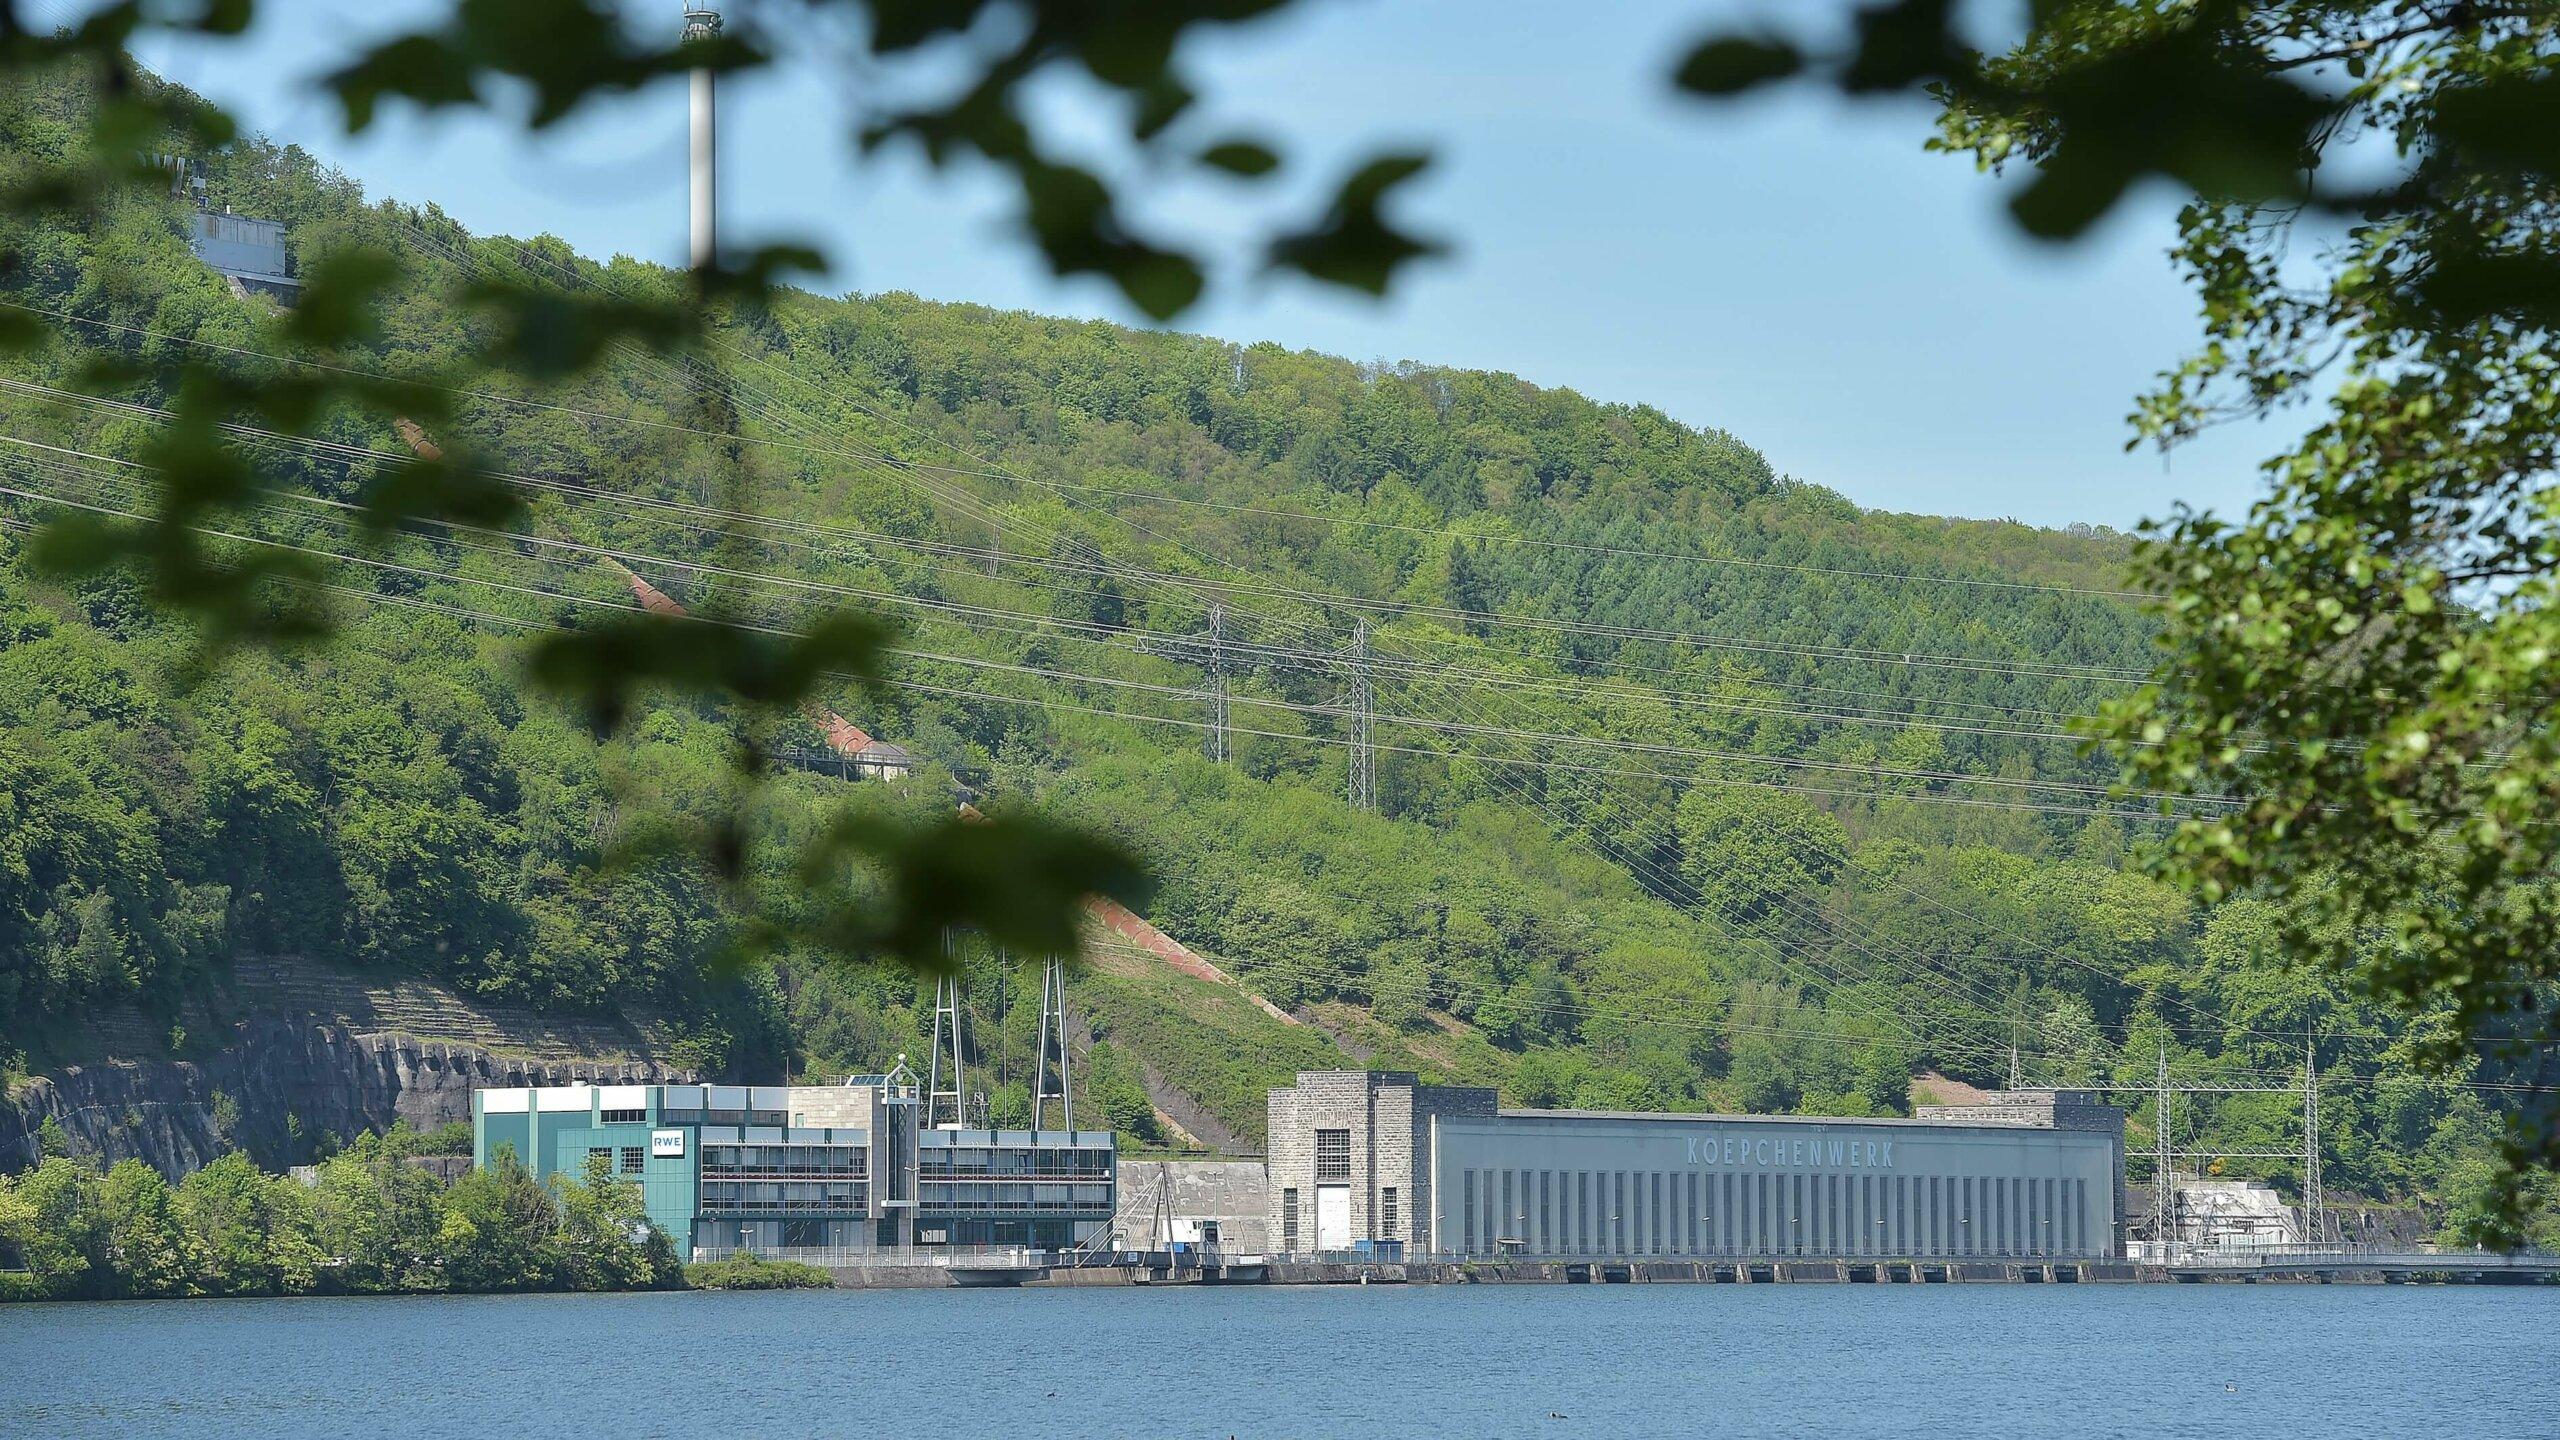 Bild des RWE-Pumpspeicherkraftwerks am Hengsteysee